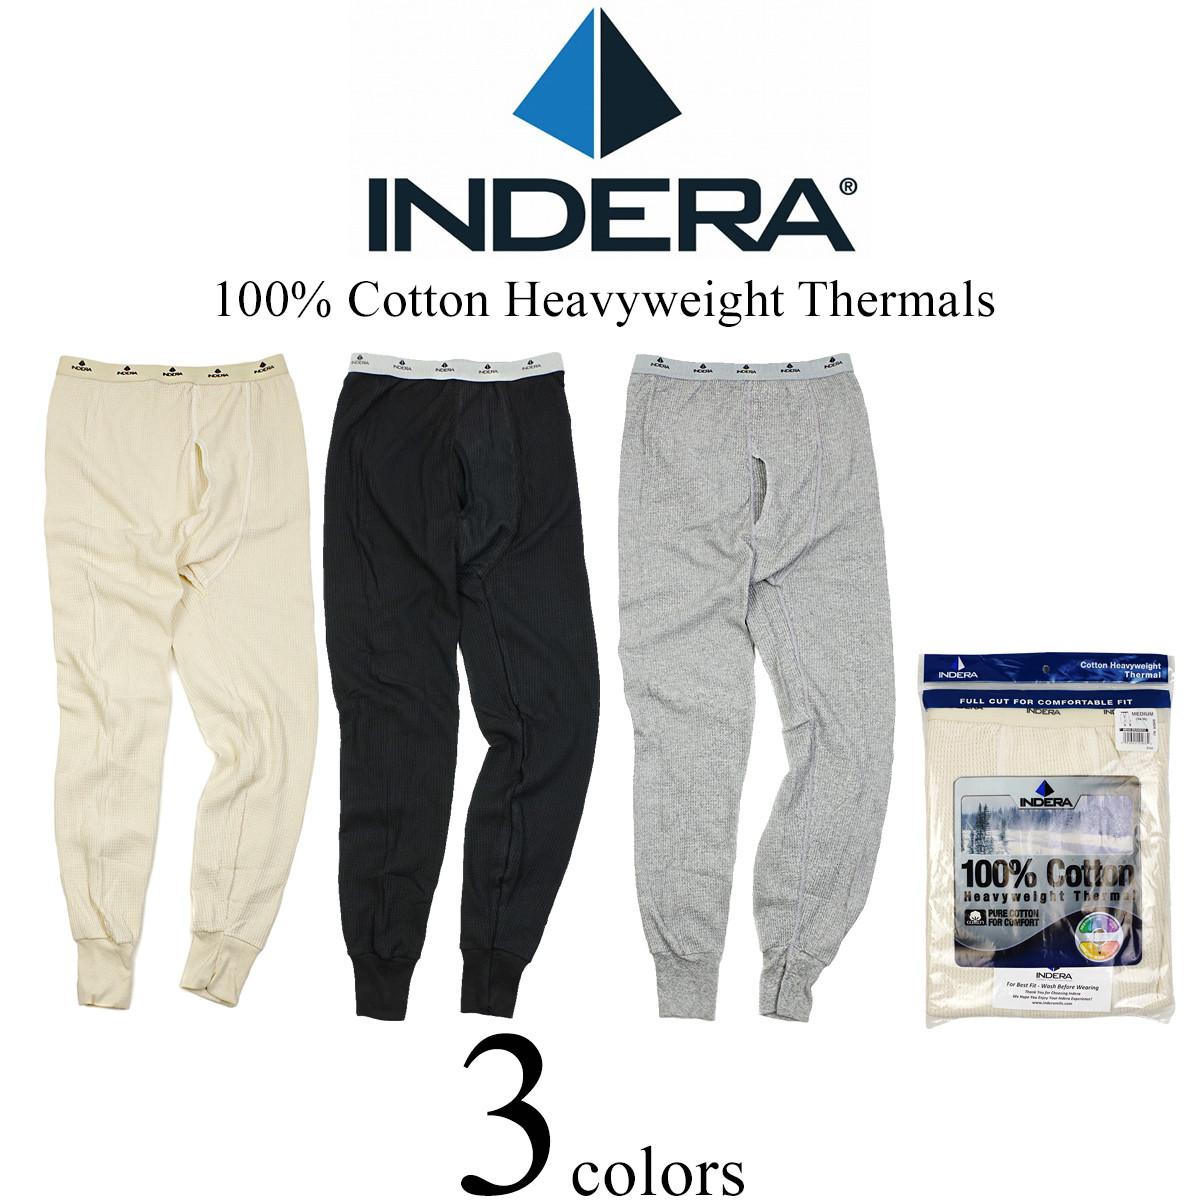 c65085bf5b74 In Delaware Milnes INDERA MILLS 839DR cotton heavy weight thermal bottom  underwear (mud, wow ...